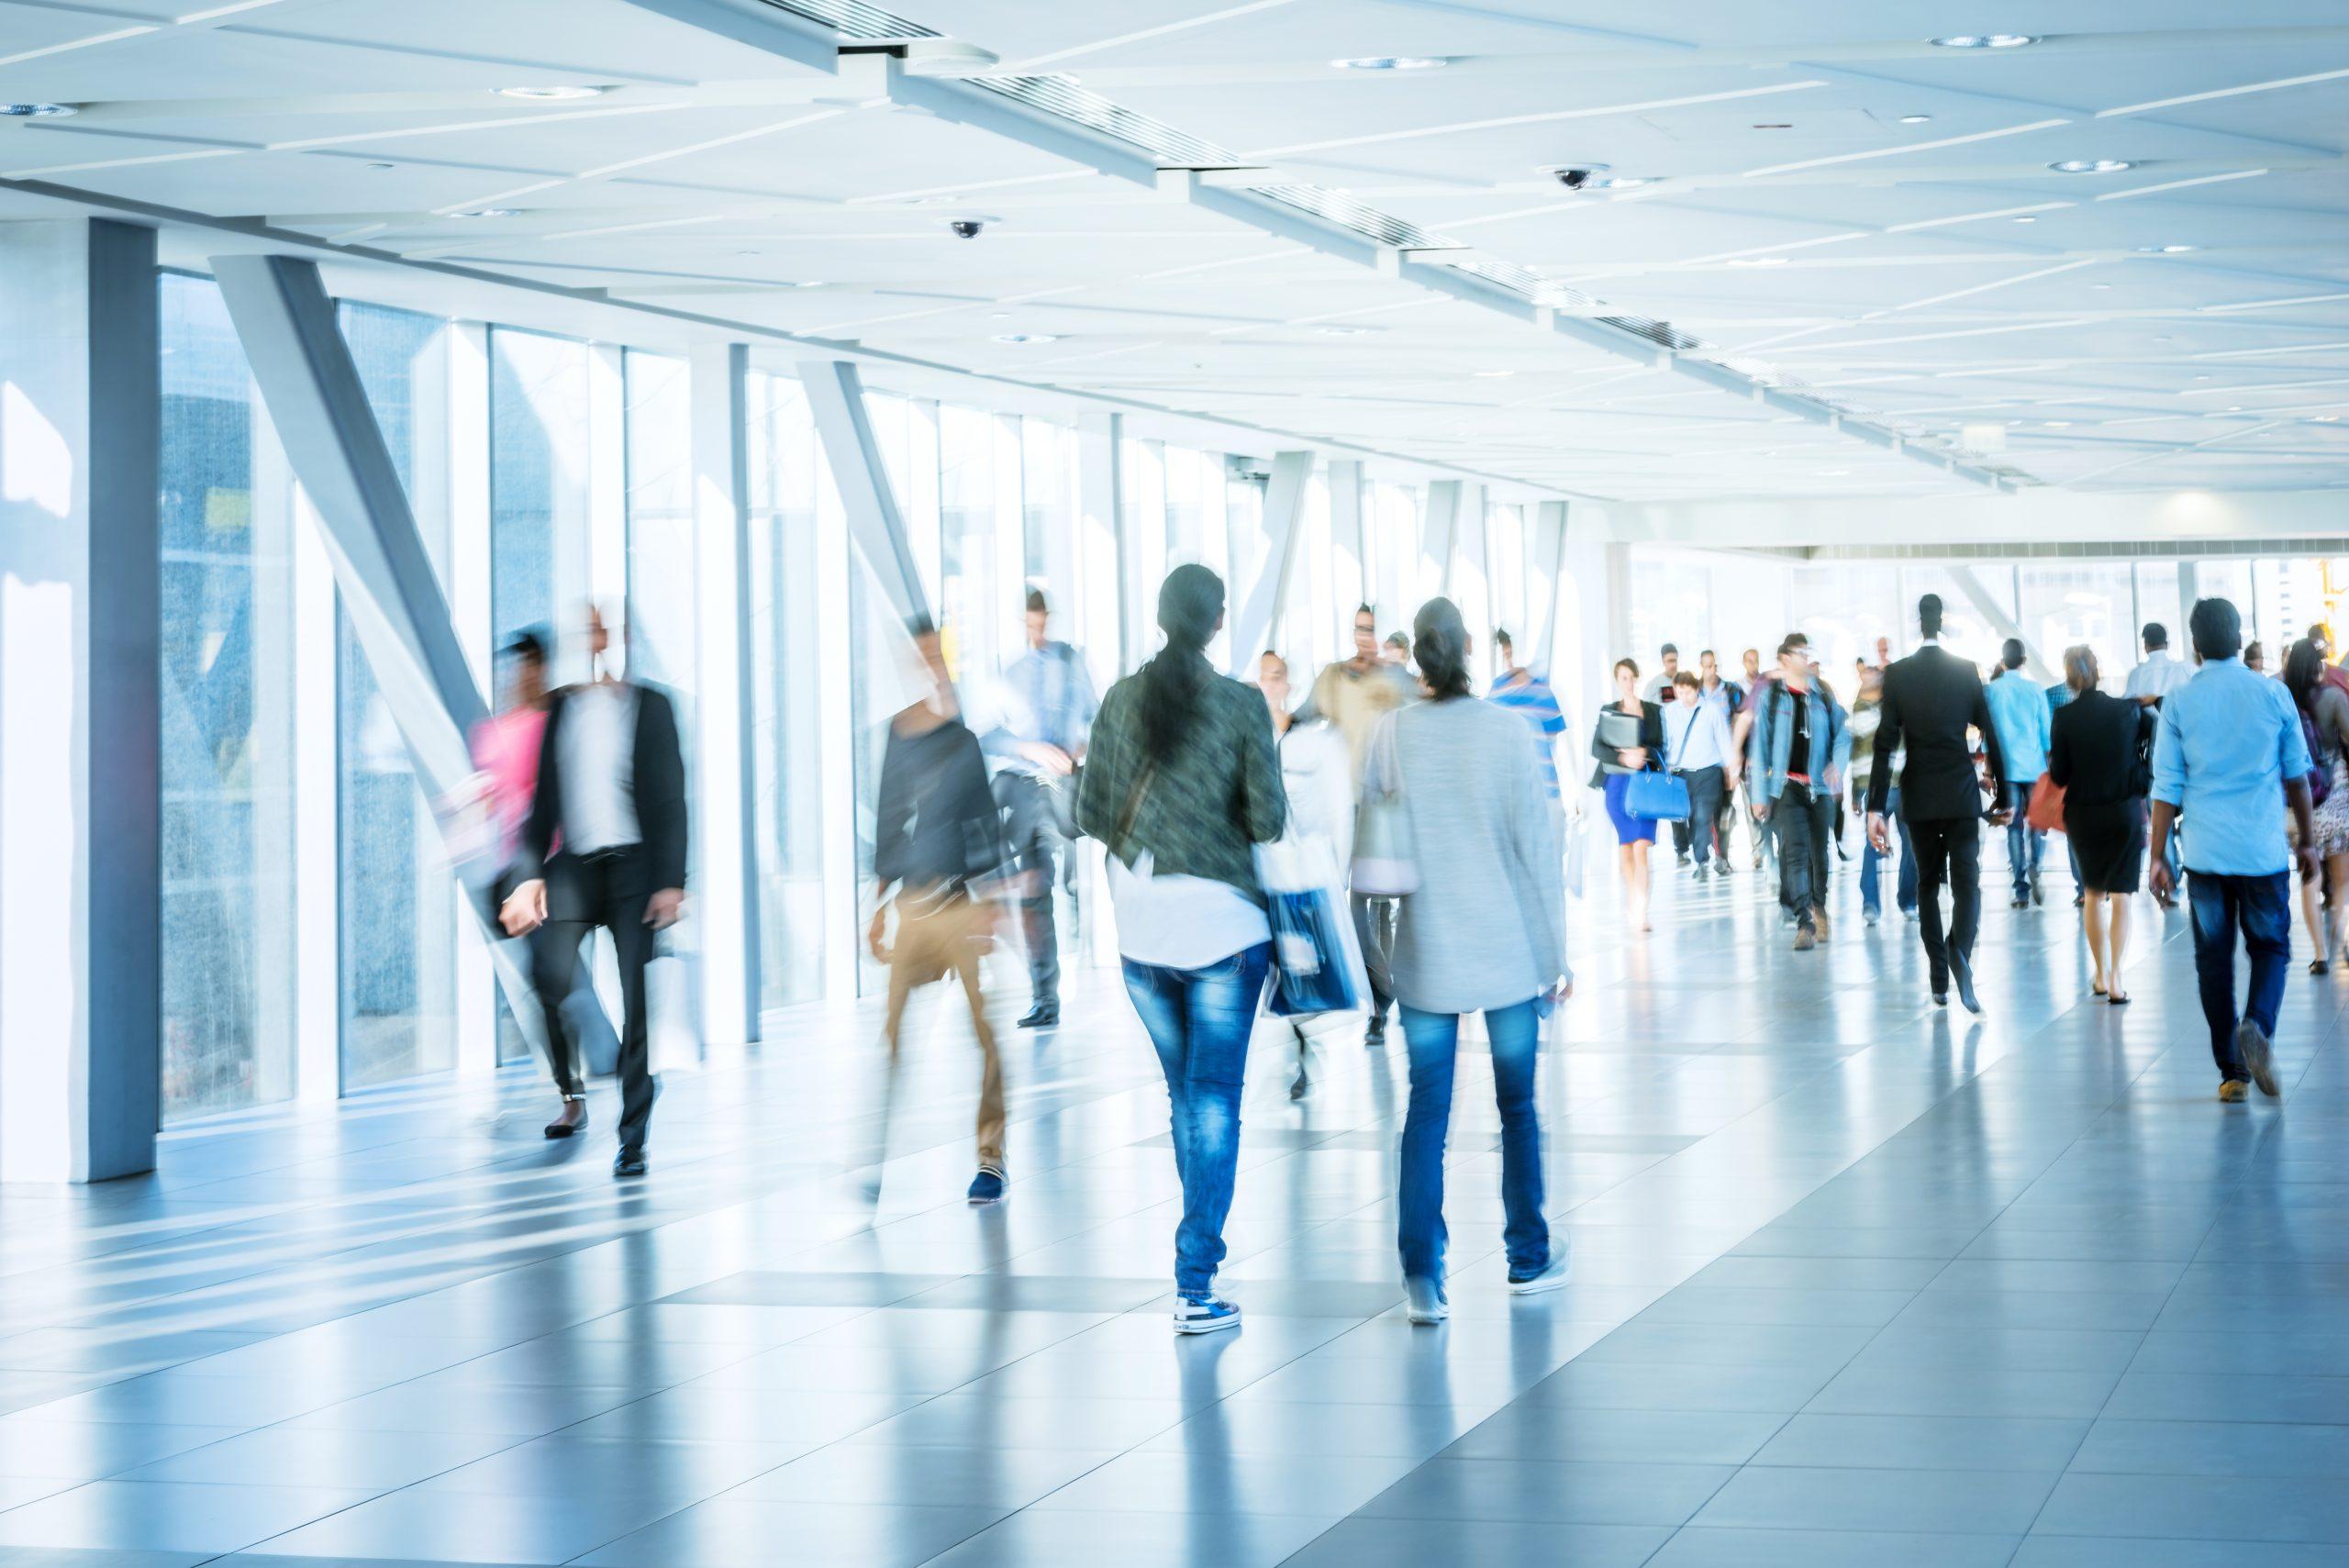 Personas andando en un aeropuerto